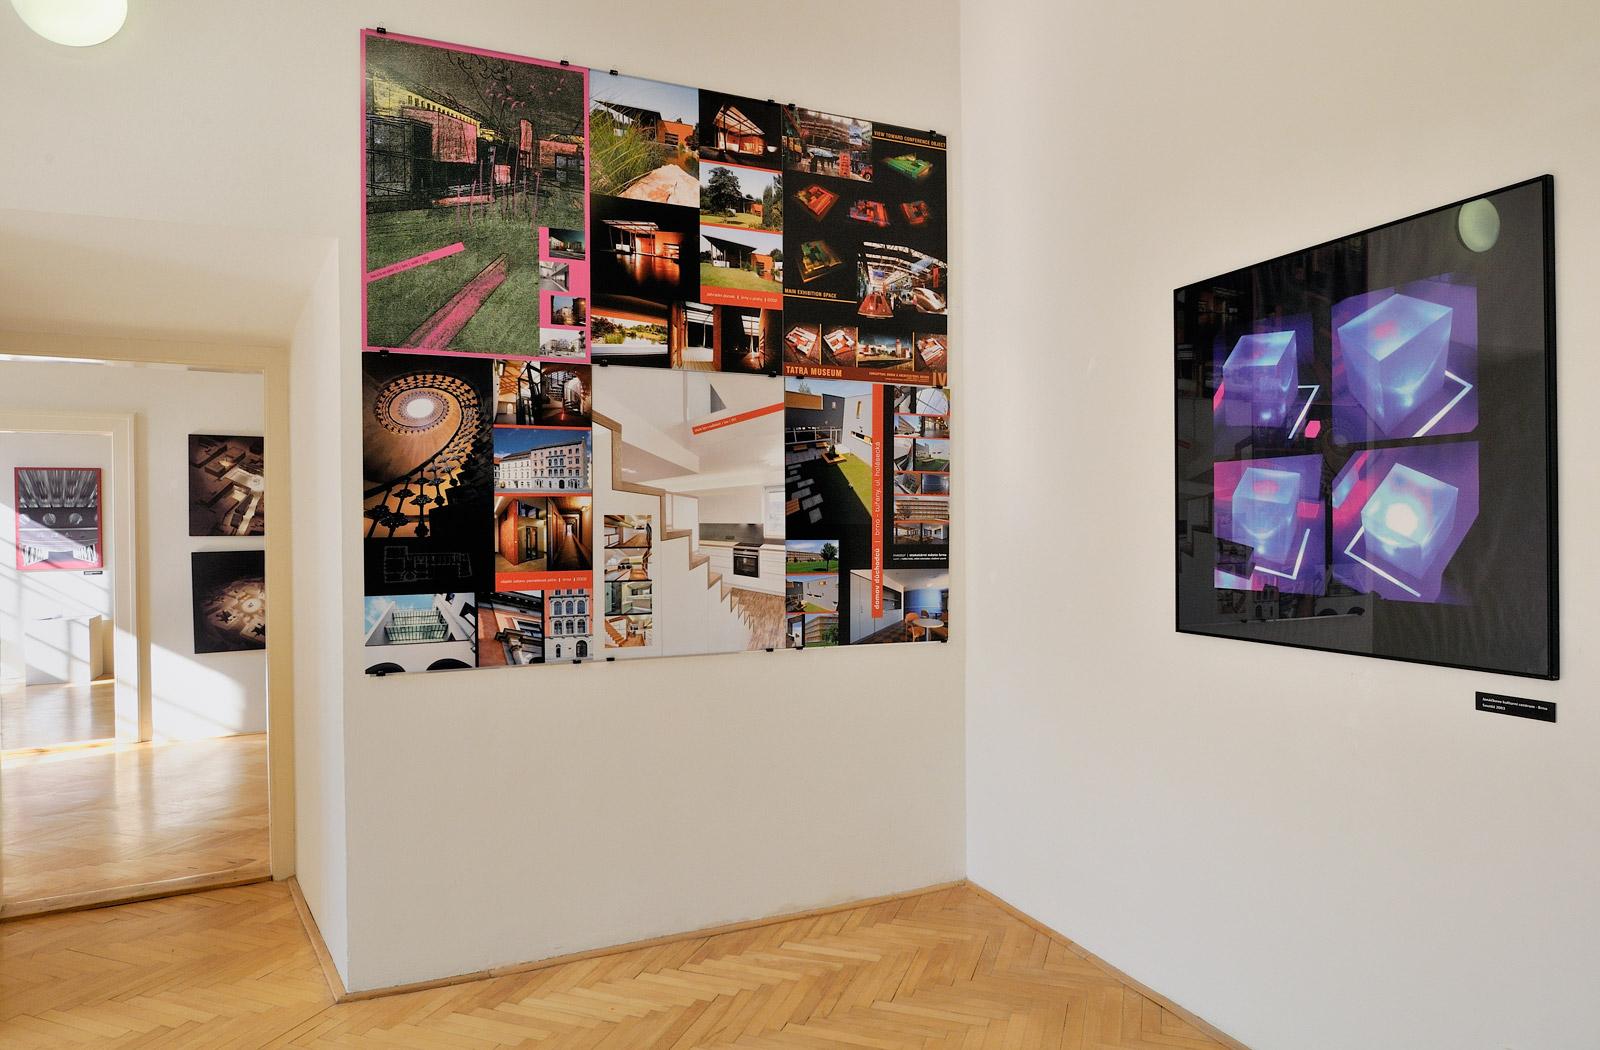 vystava-zamek-mikulov-08